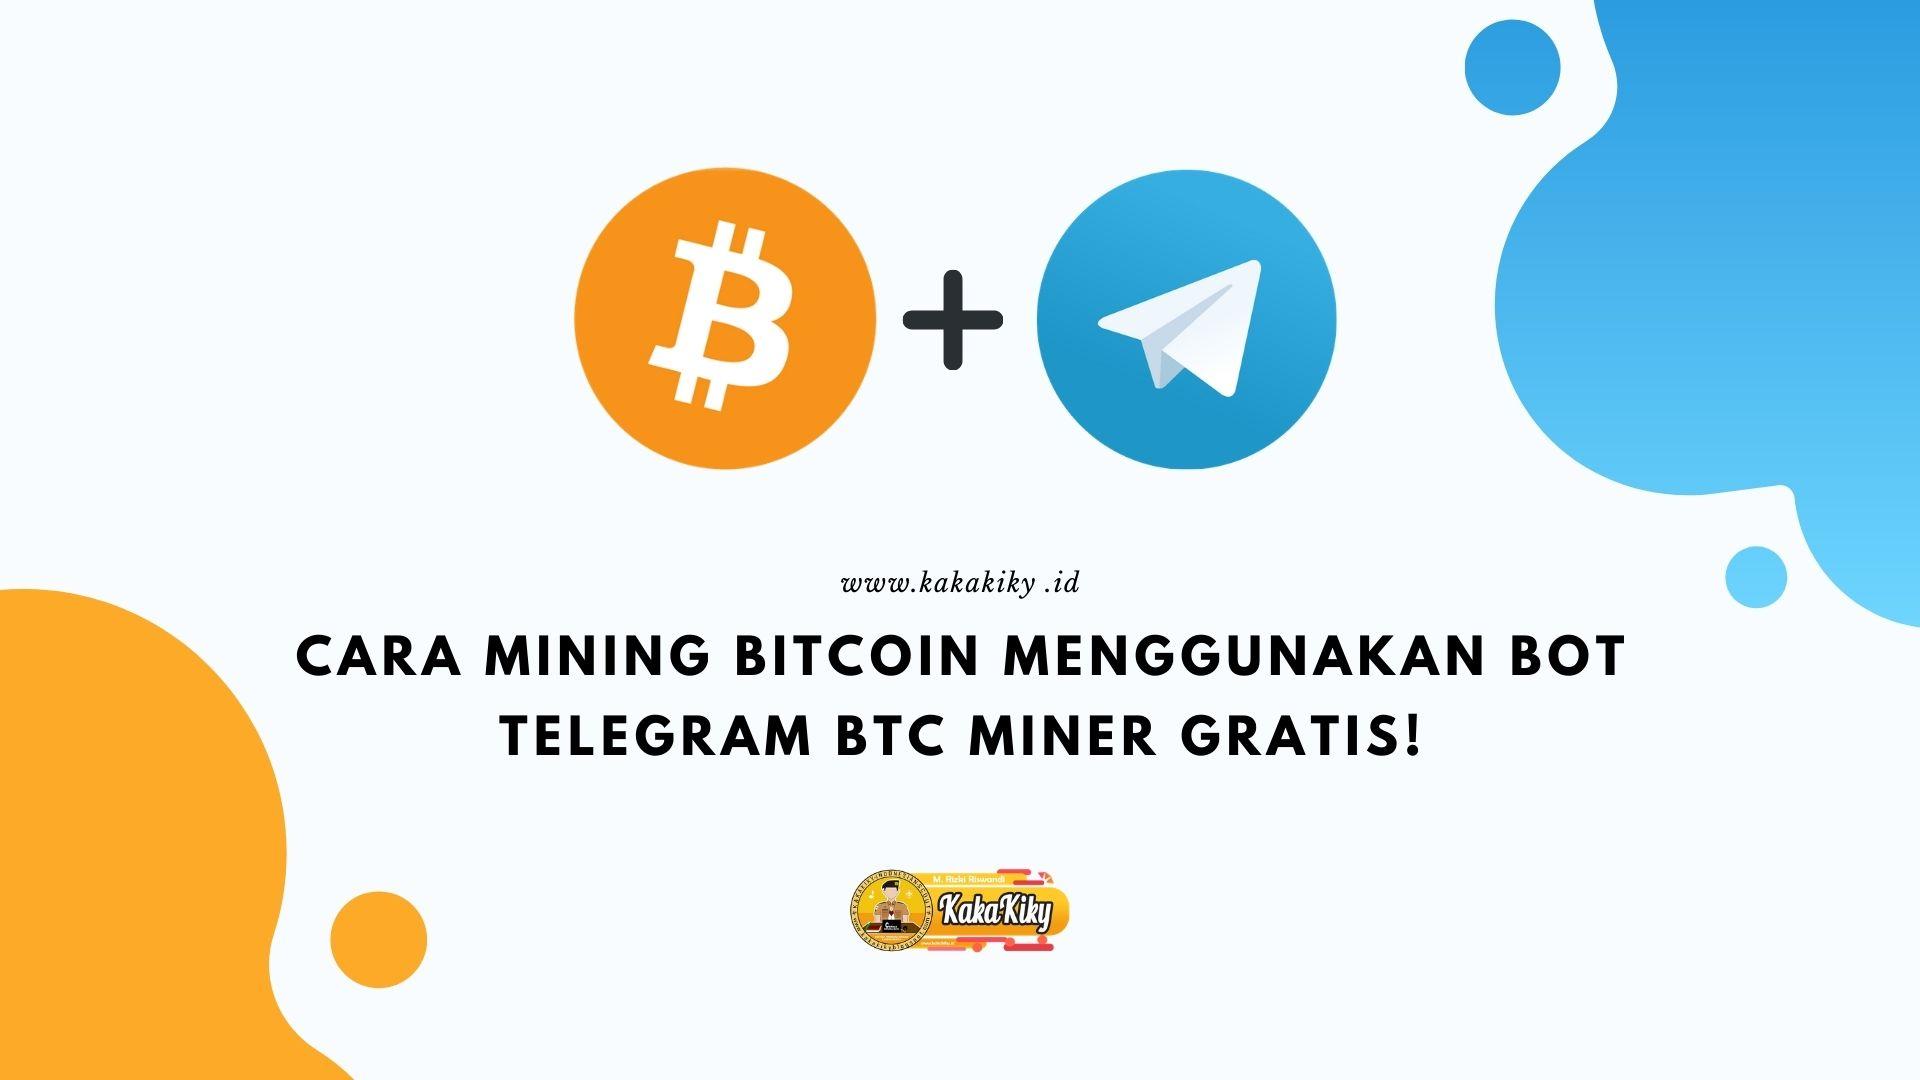 Guadagnare Bitcoin con Telegram: Giochi e BOT